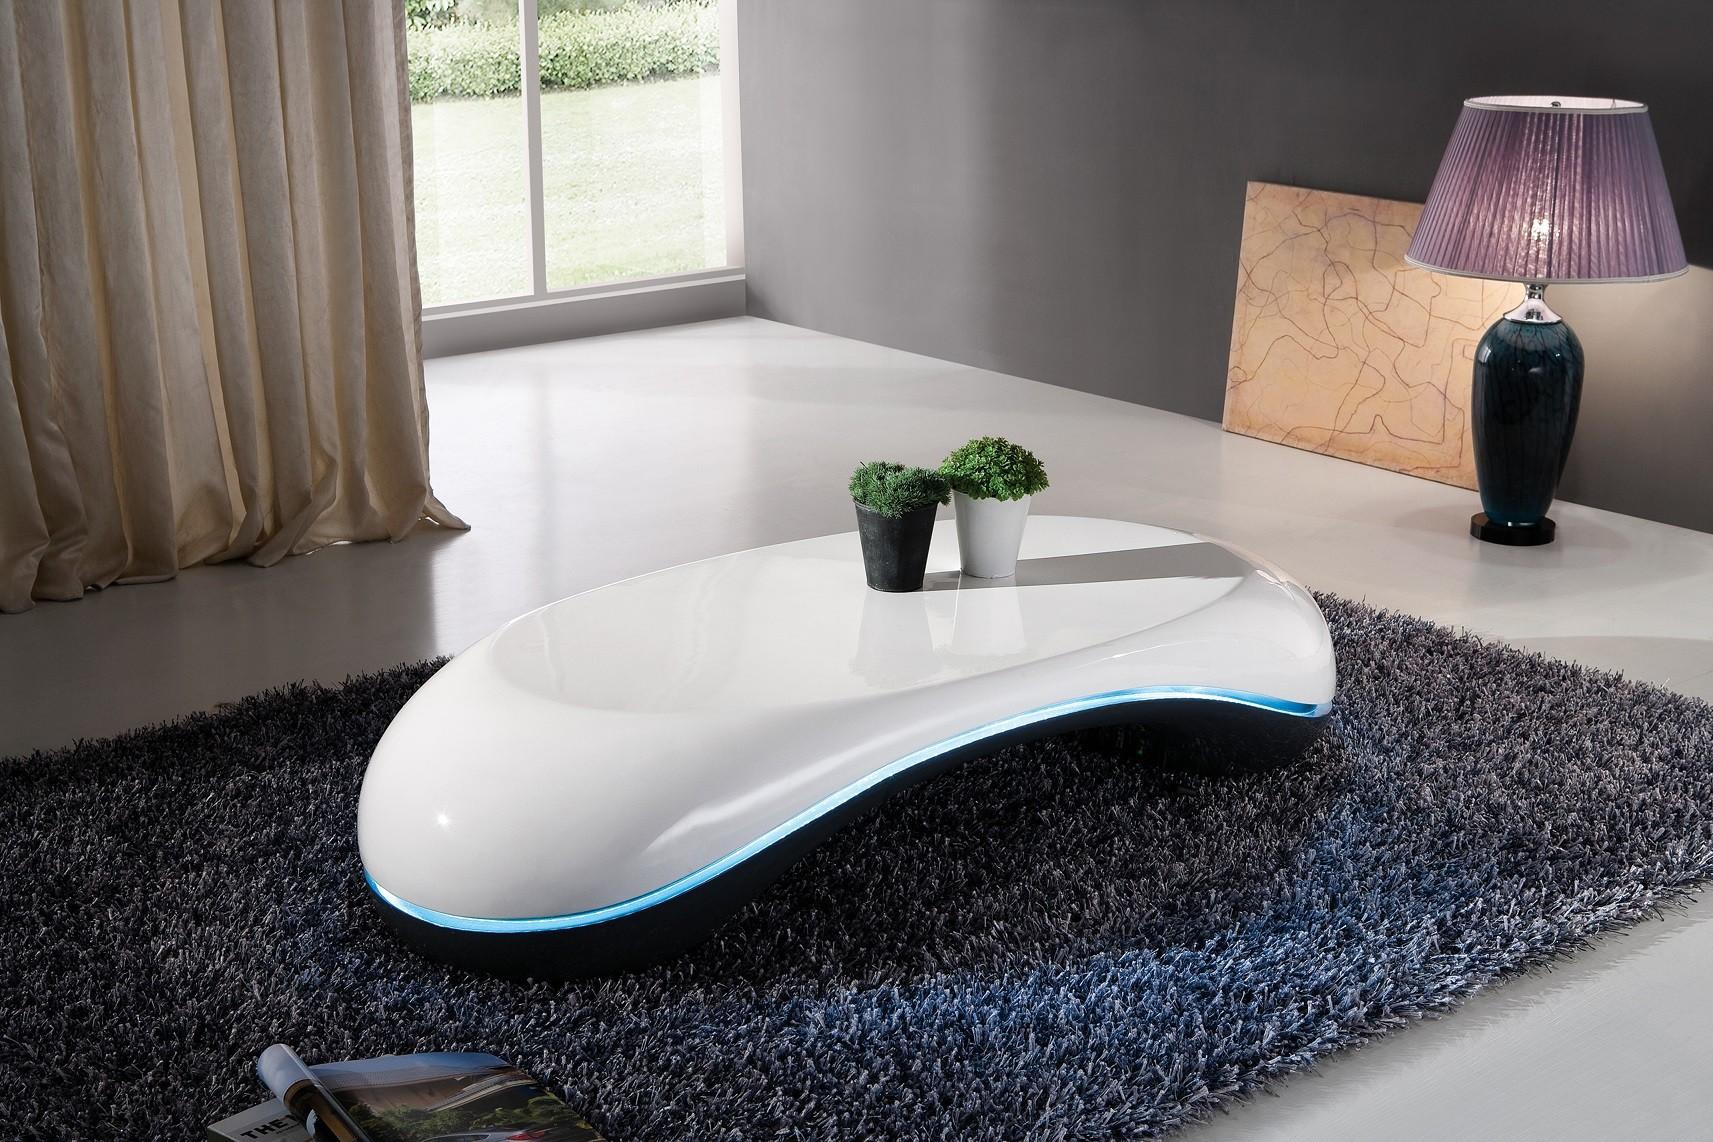 Table basse design noir et blanc - lille-menage.fr maison db2ae8e6878e